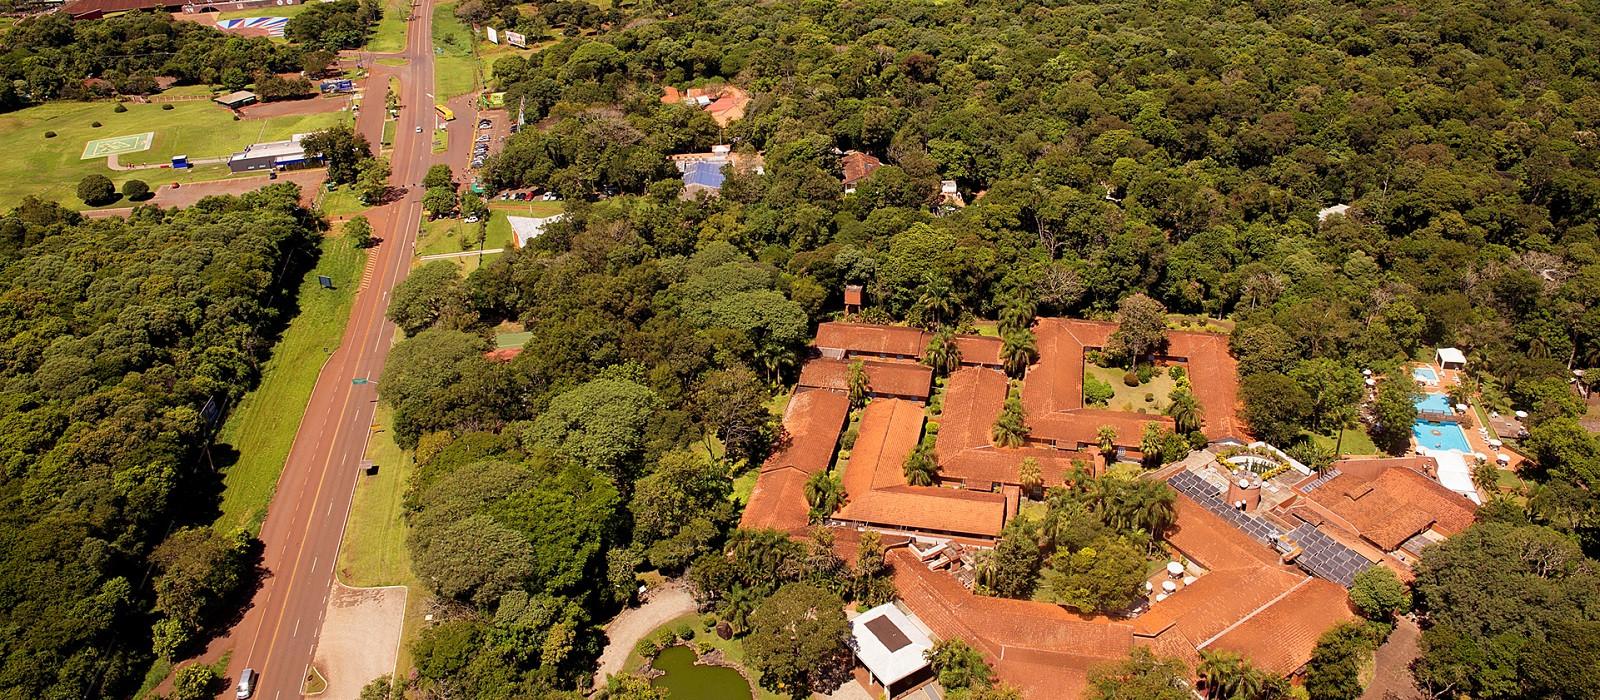 Hotel San Martin Foz do Iguacu Brasilien